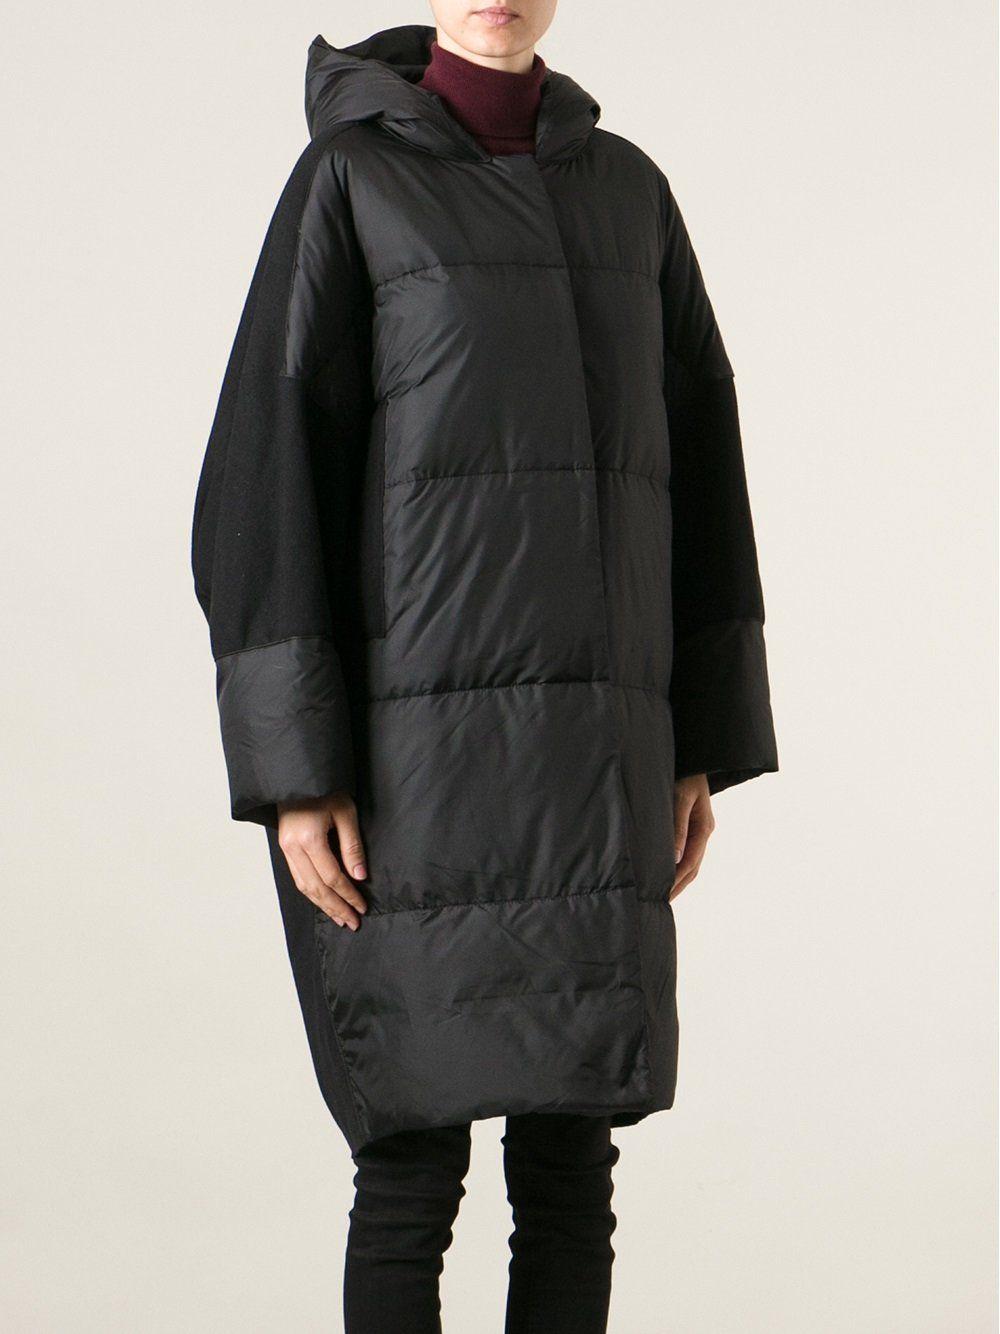 de06c5c2425b Hache дутое пальто с капюшоном パファー・ジャケット, カジュアルドレス, 秋の服装 レディース